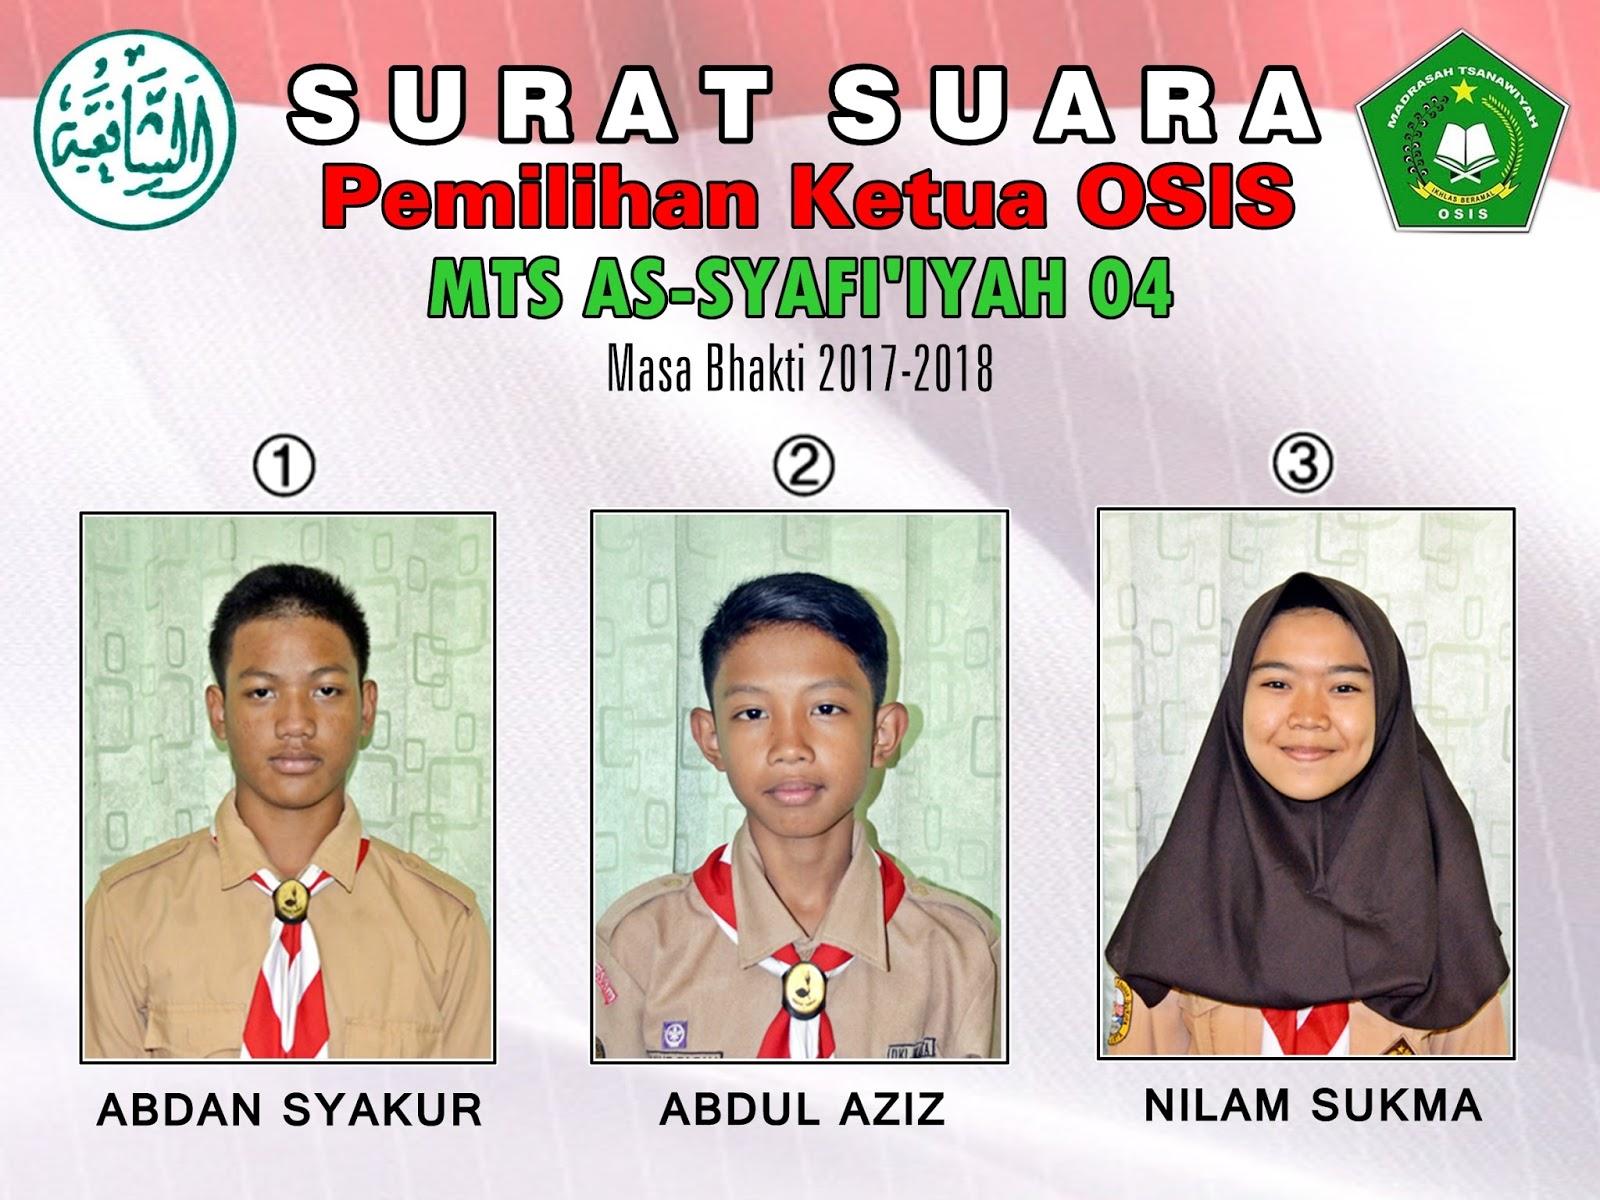 Mts As Syafiiyah 04 Jakarta Menggelar Ldks Hingga Pemilihan